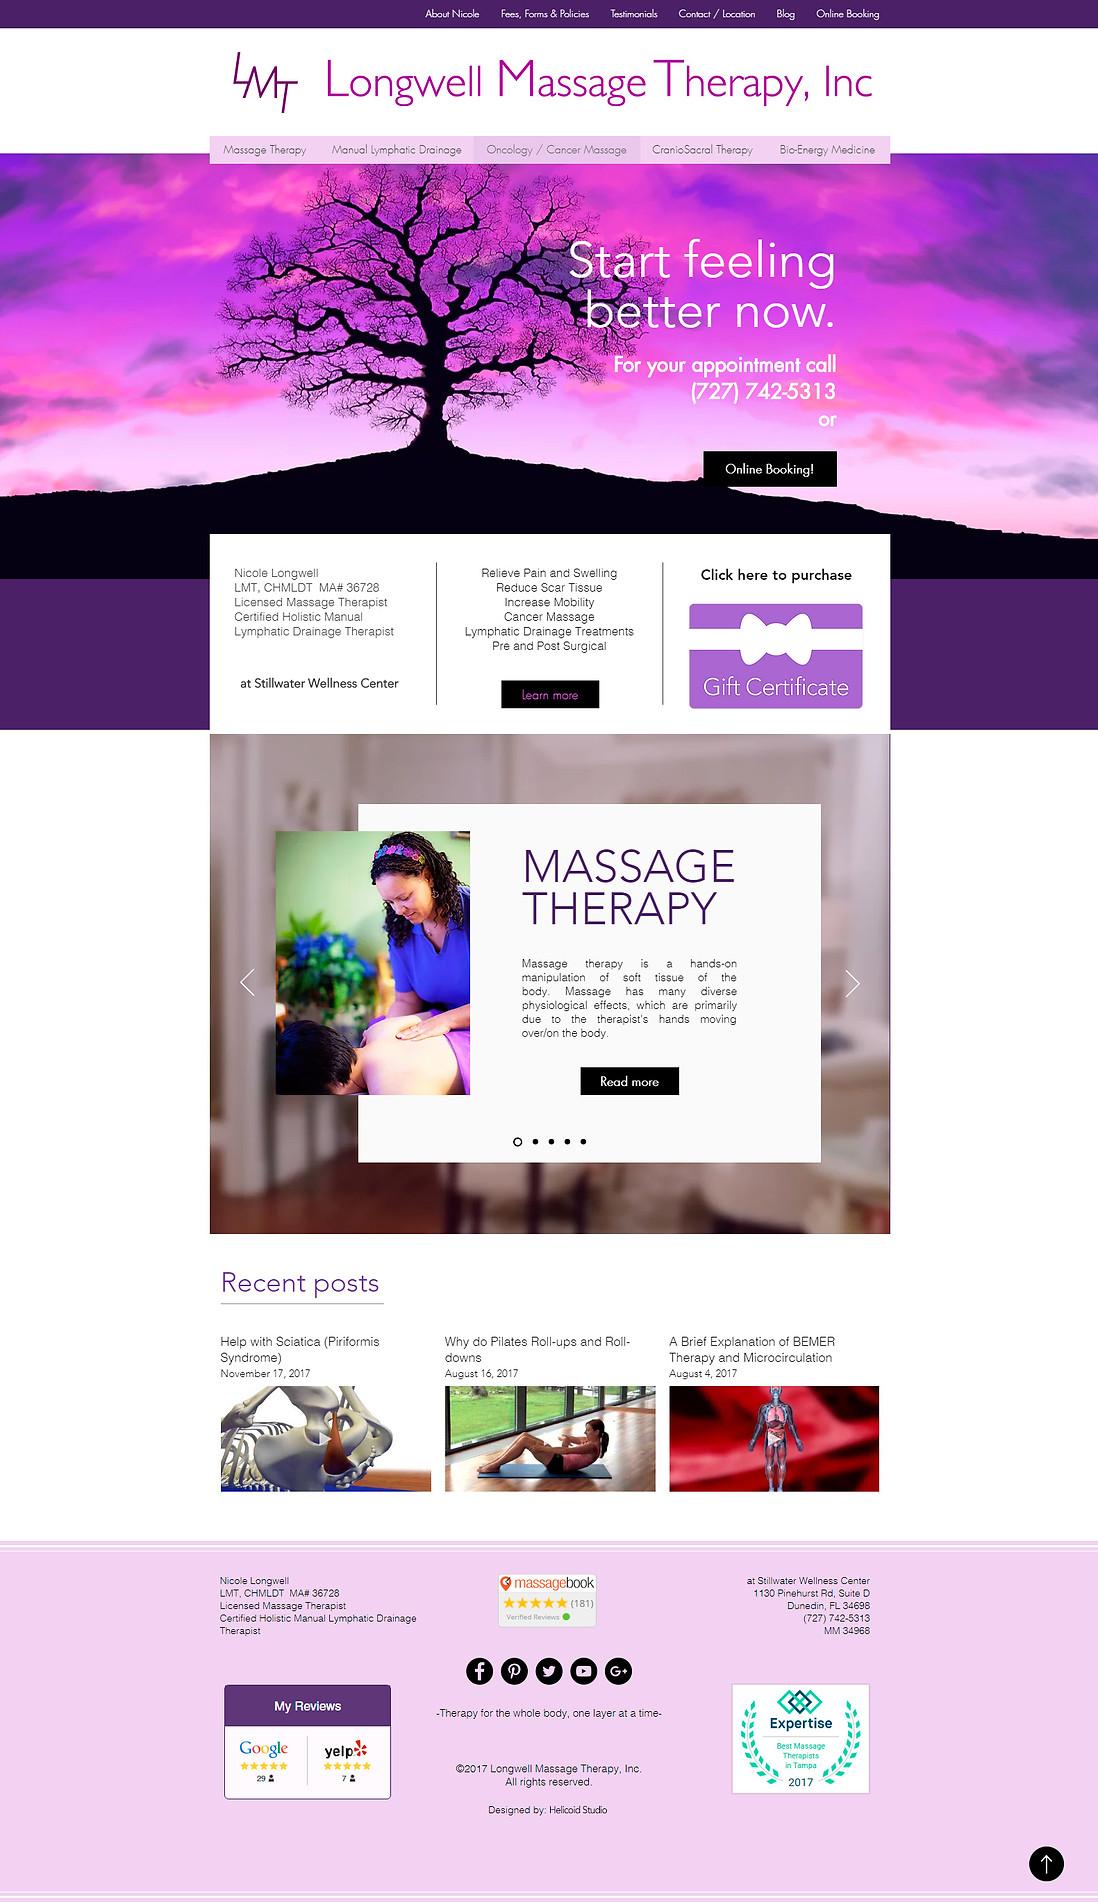 LMT Website Design Home Page